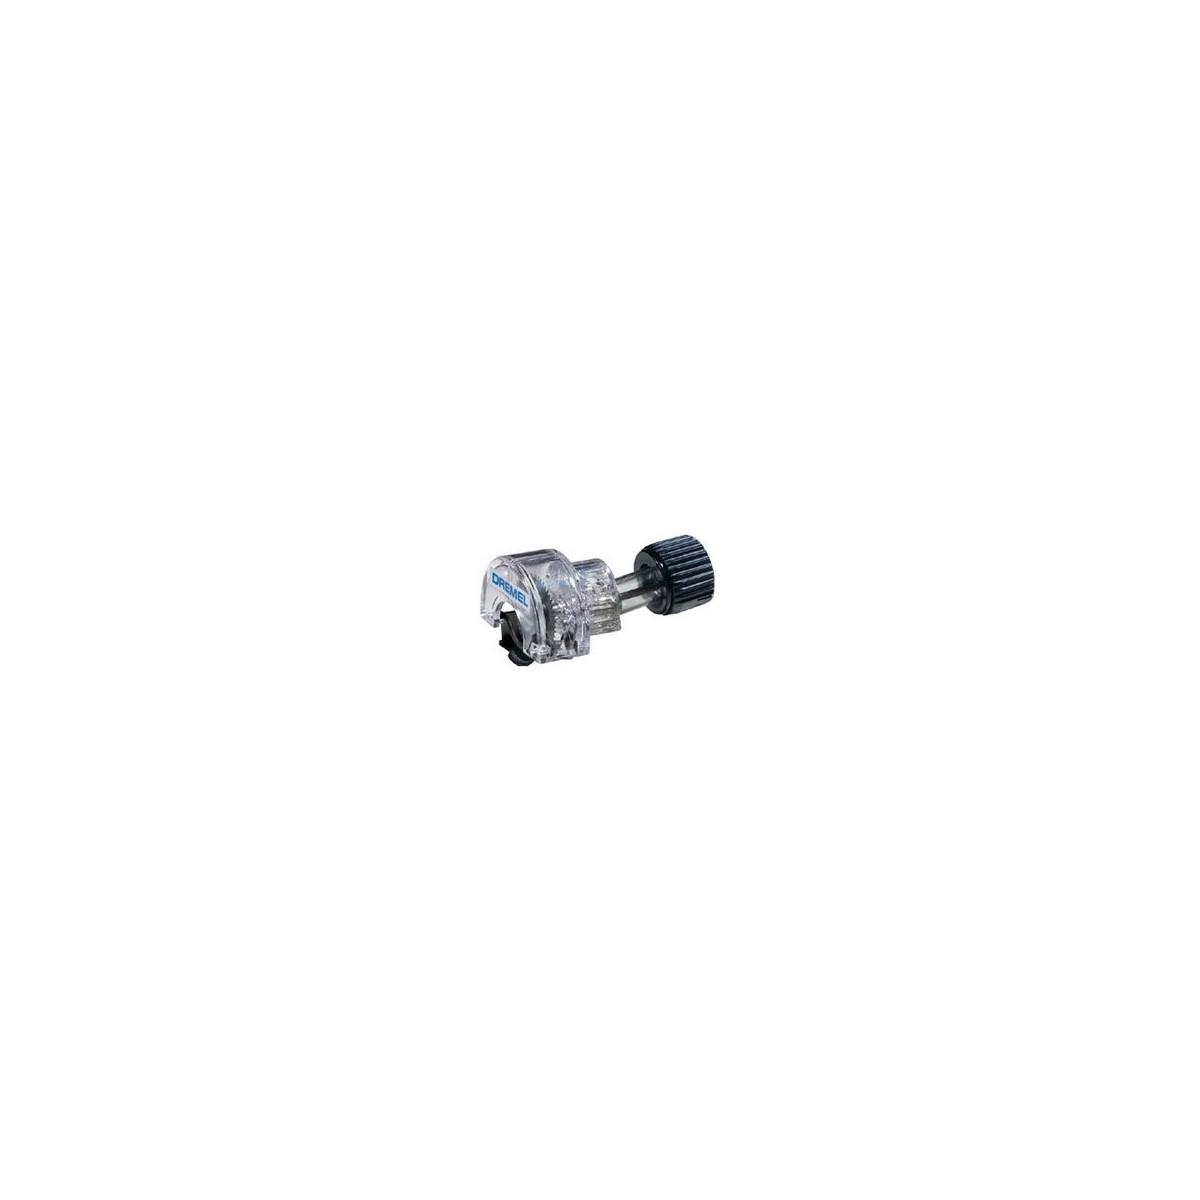 DREMEL Miniatūra zāģa papildierīce 670 26150670JA